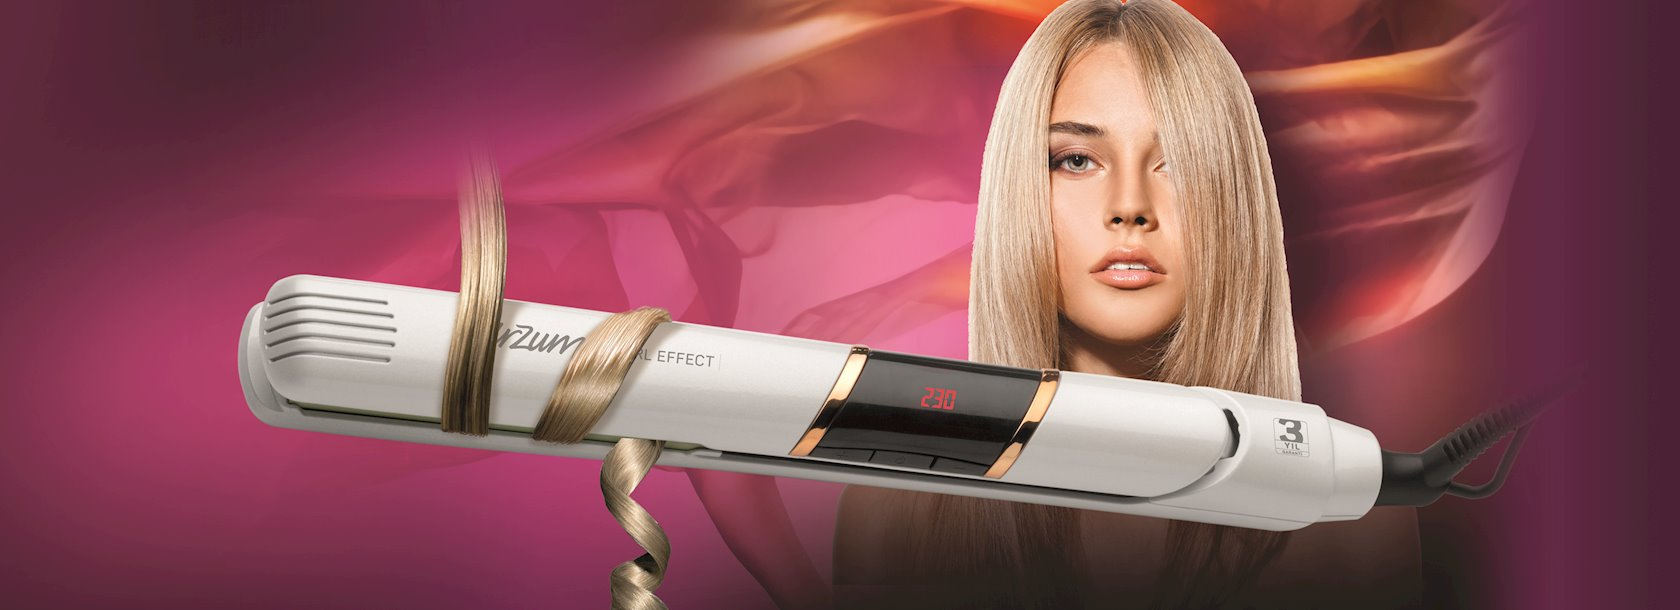 Saç düzləndiricisi Arzum Pearl Effect AR5044